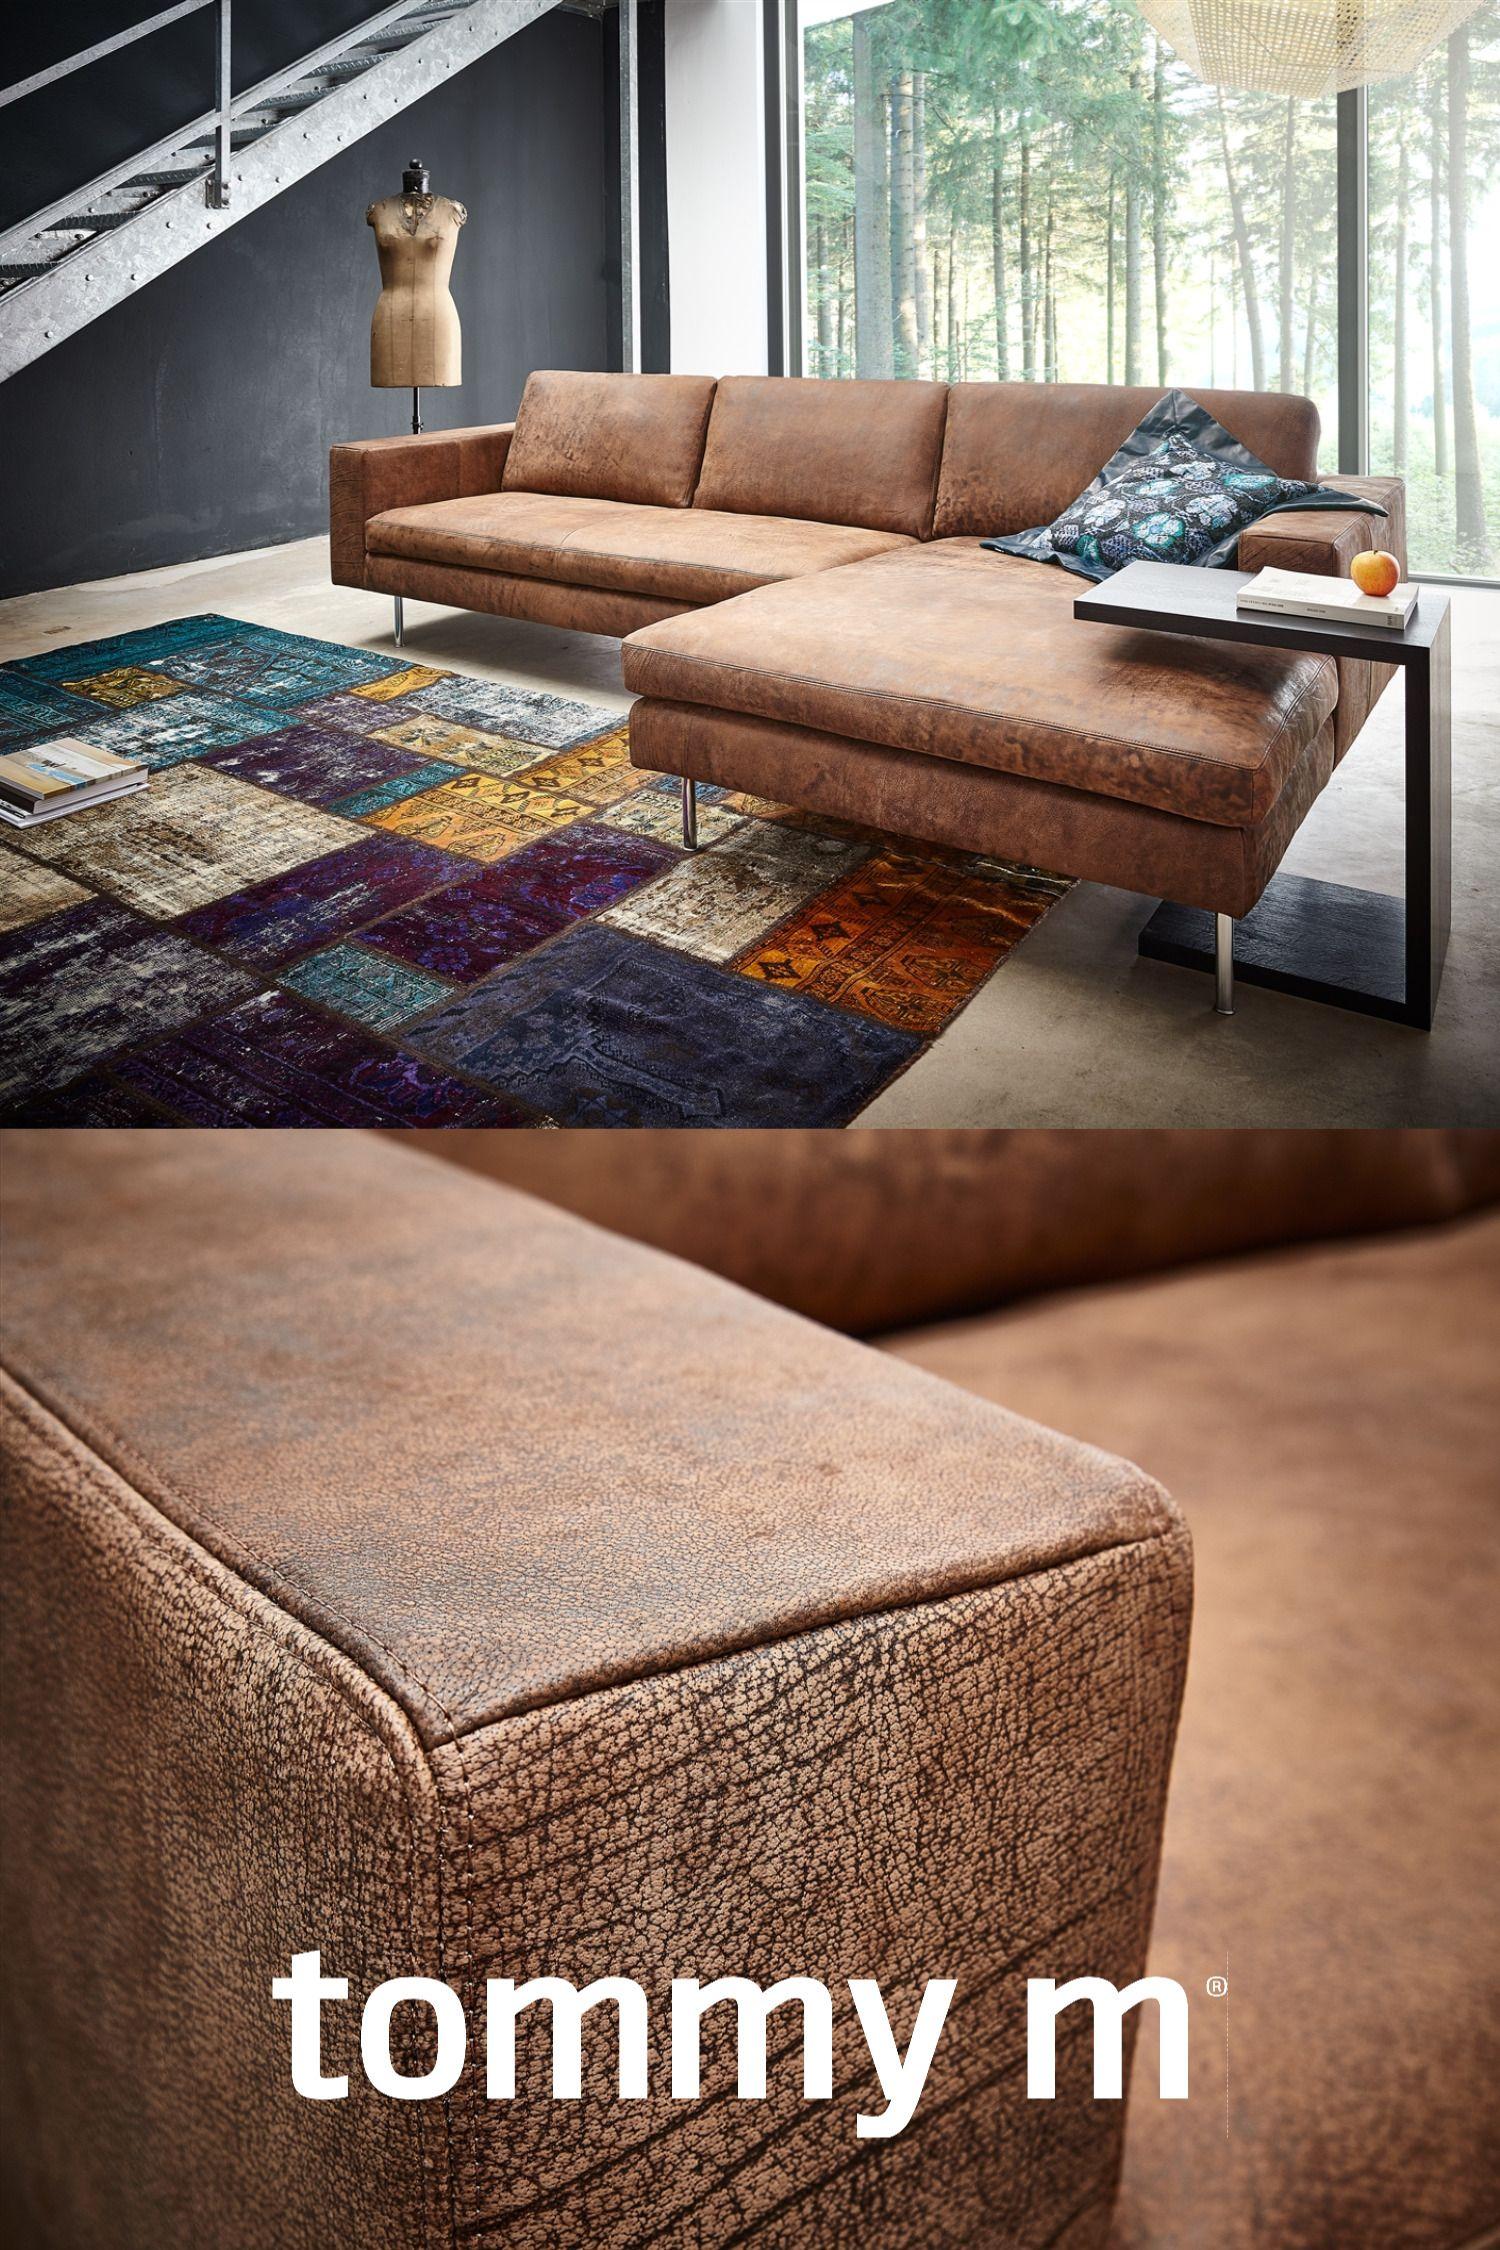 Pin Von Leonardcarroll Auf Our Living Room In 2020 Sofa Wohn Mobel Wohnlandschaft